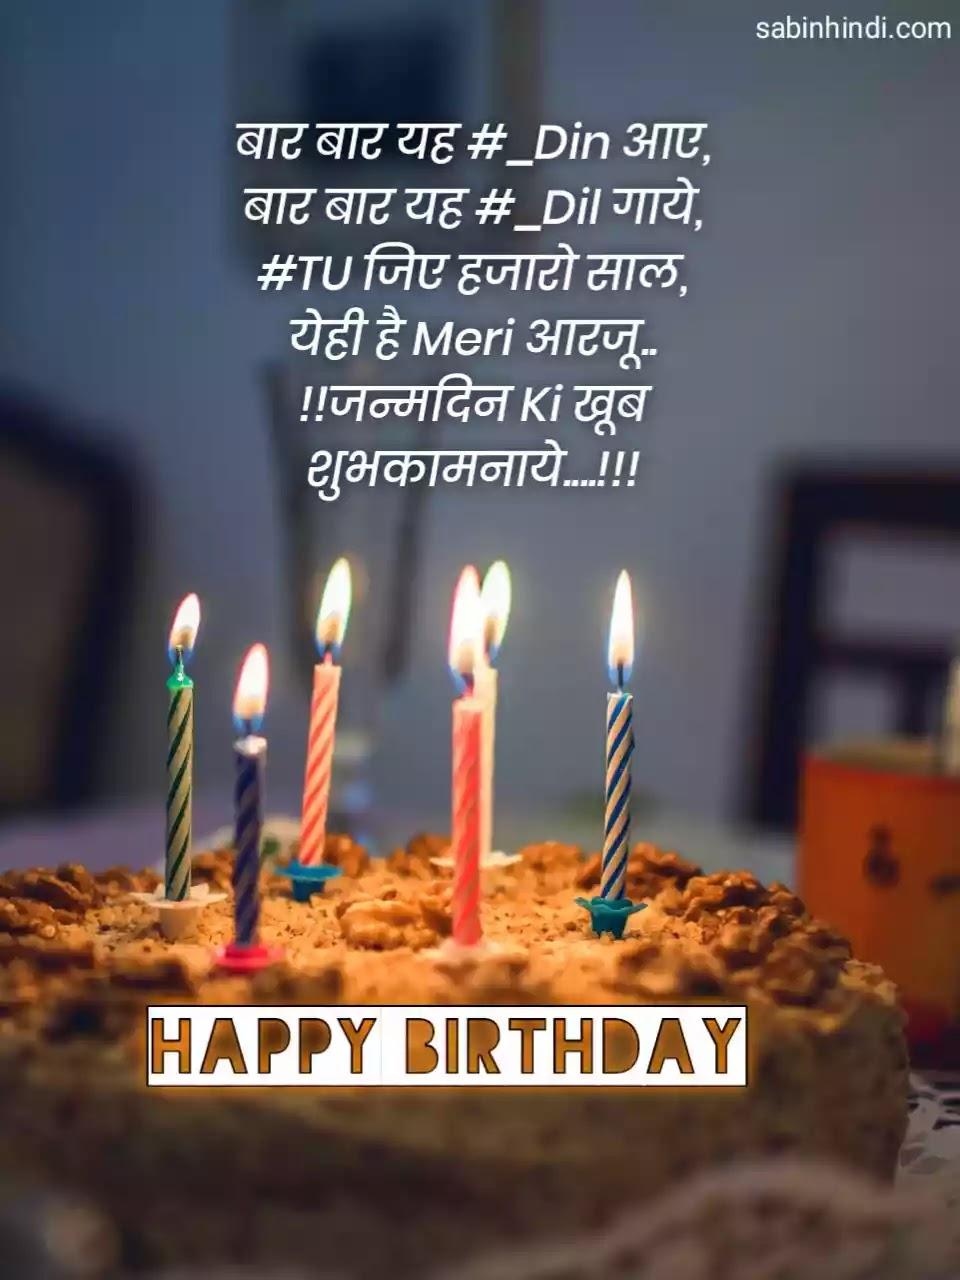 50 द स त क ल ए जन मद न क श भक मन ए Happy Birthday Wishes Hindi For Best Friend Birthday Quotes Hindi For Friend 2021